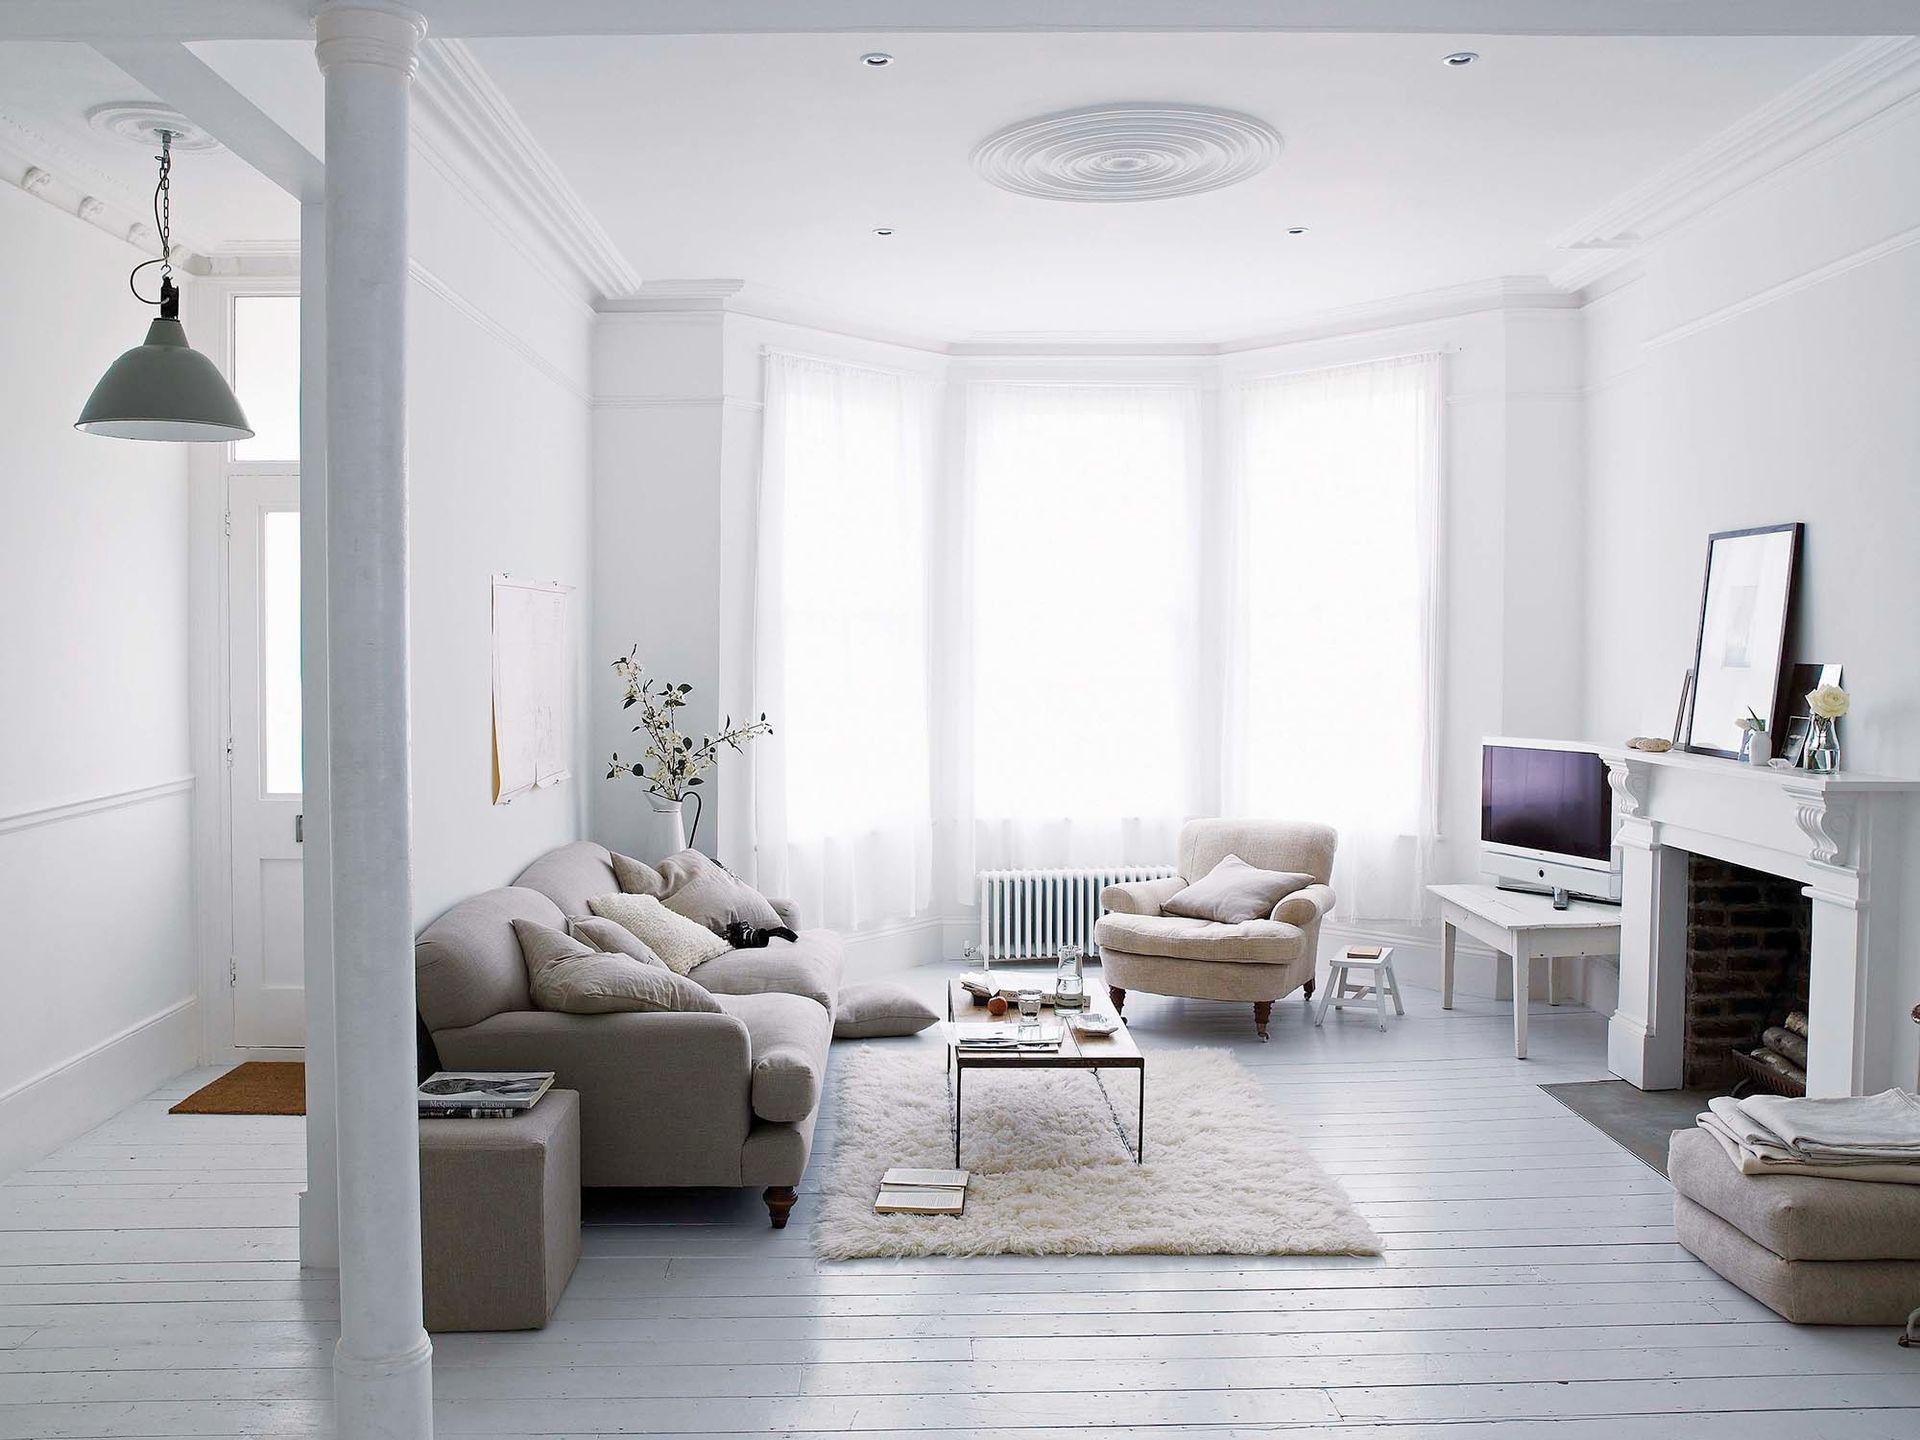 El acceso principal desemboca en el living, que la alta bow window llena de claridad. Junto con la chimenea original de la casa, es el rasgo más notable del espacio.